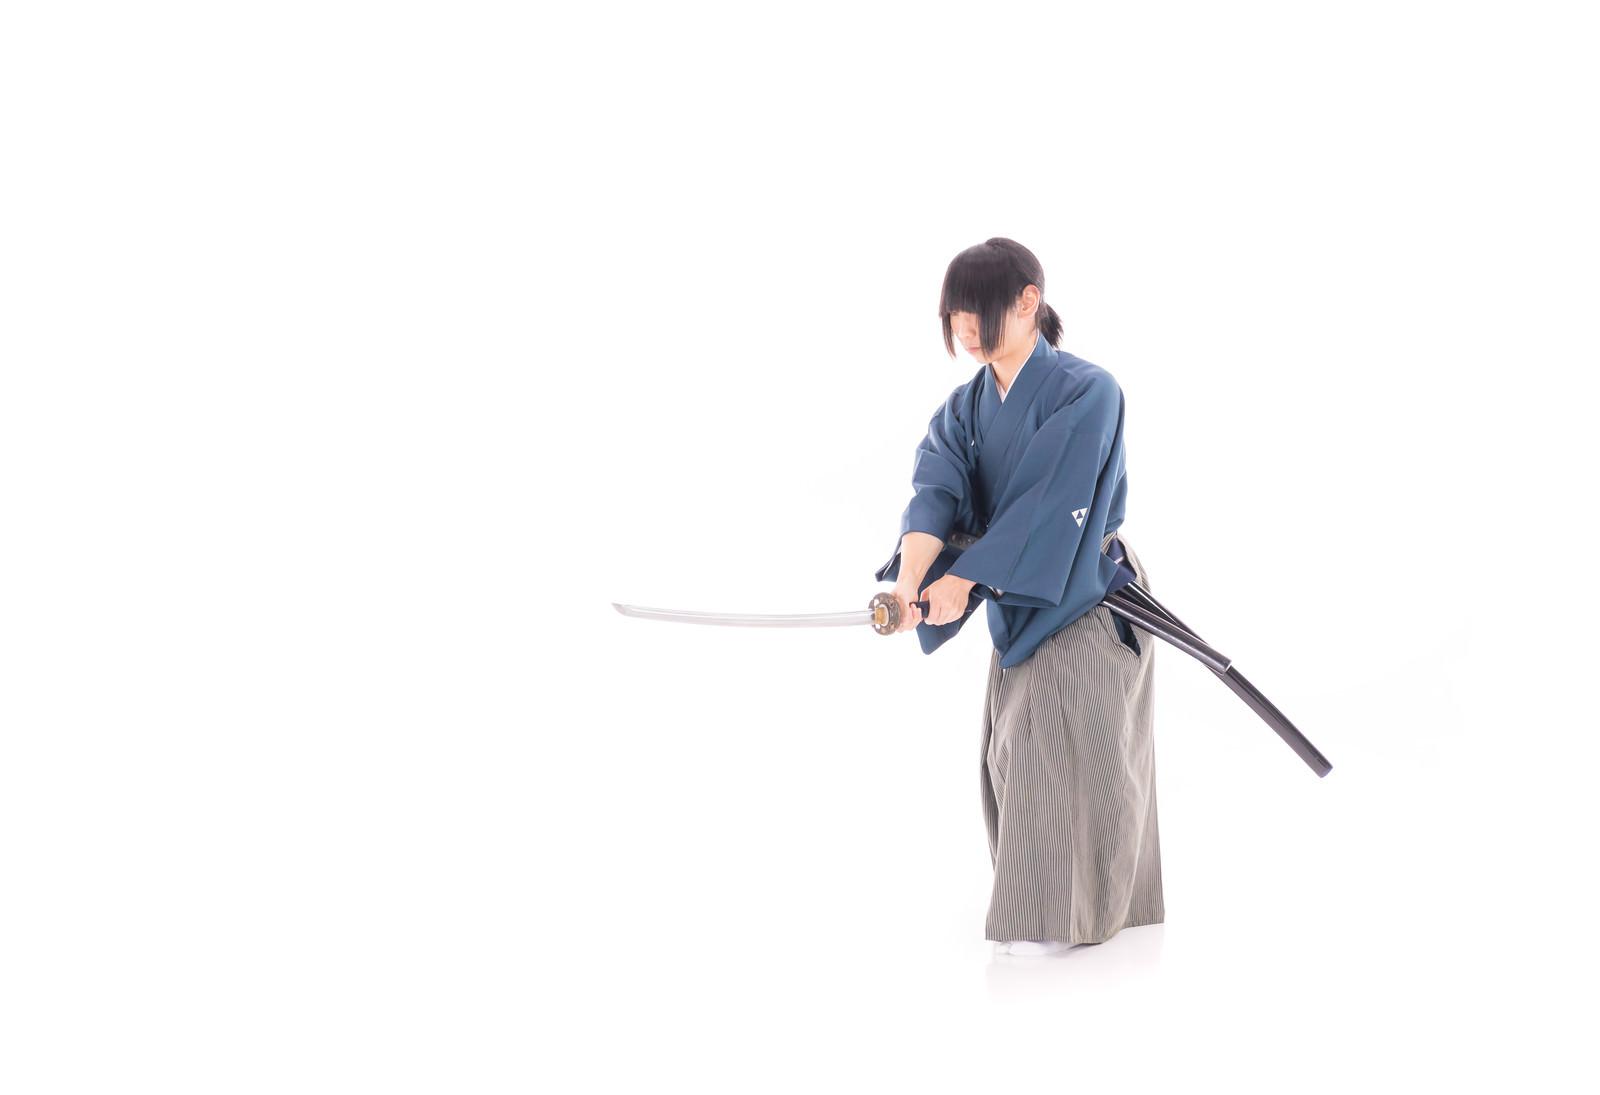 「刀を振り下ろす侍」の写真